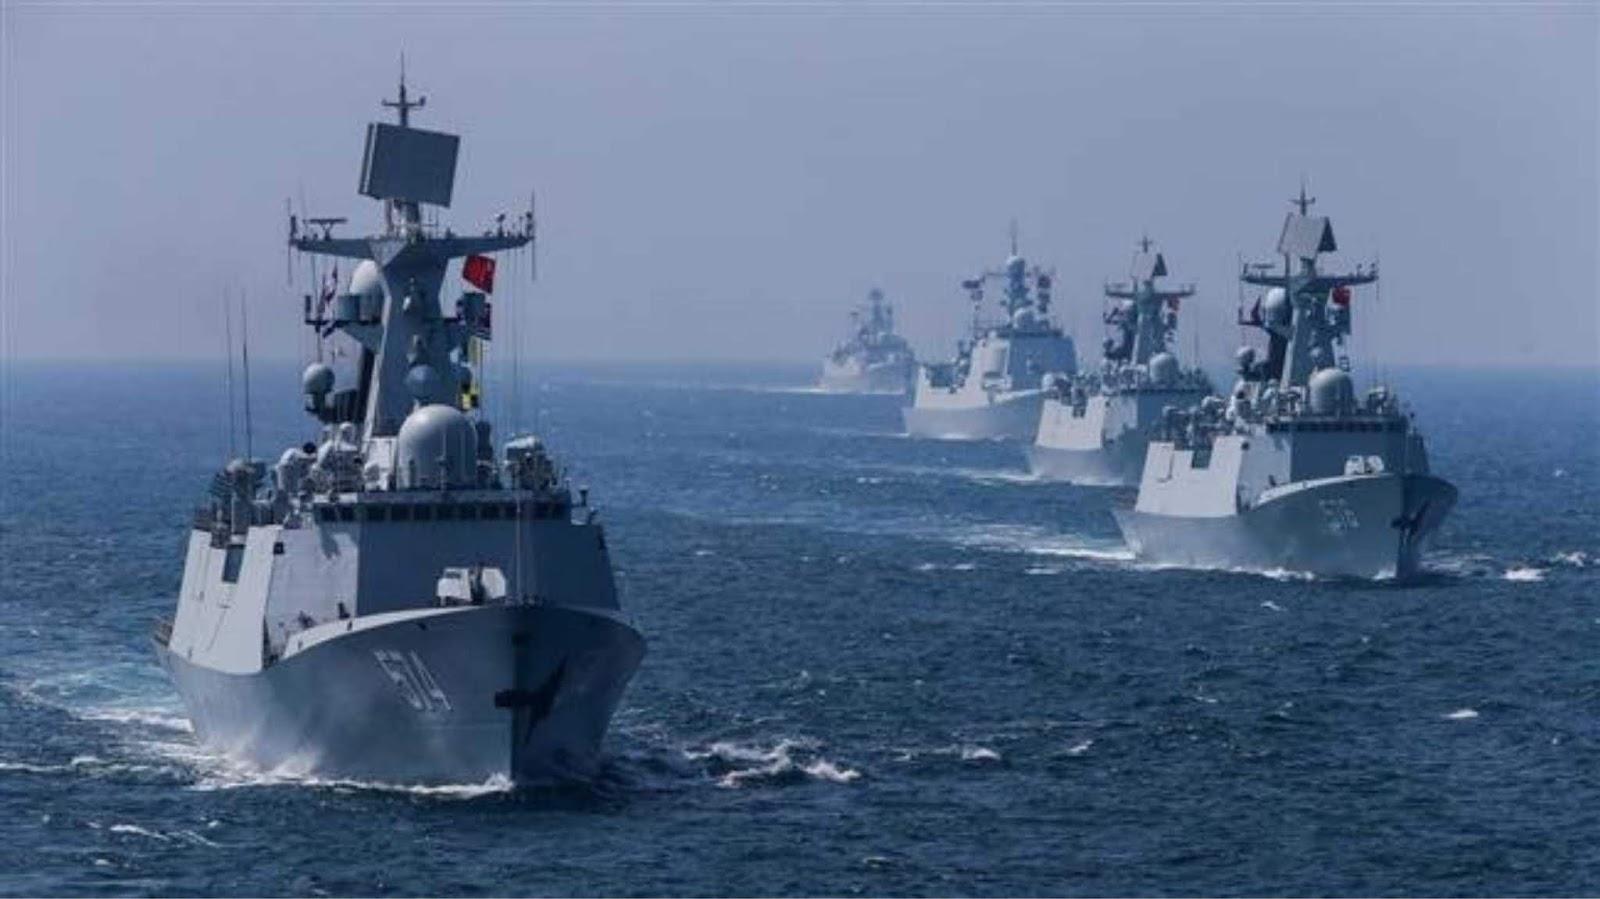 Beijing dan ASEAN memastikan stabilitas di Laut Cina Selatan